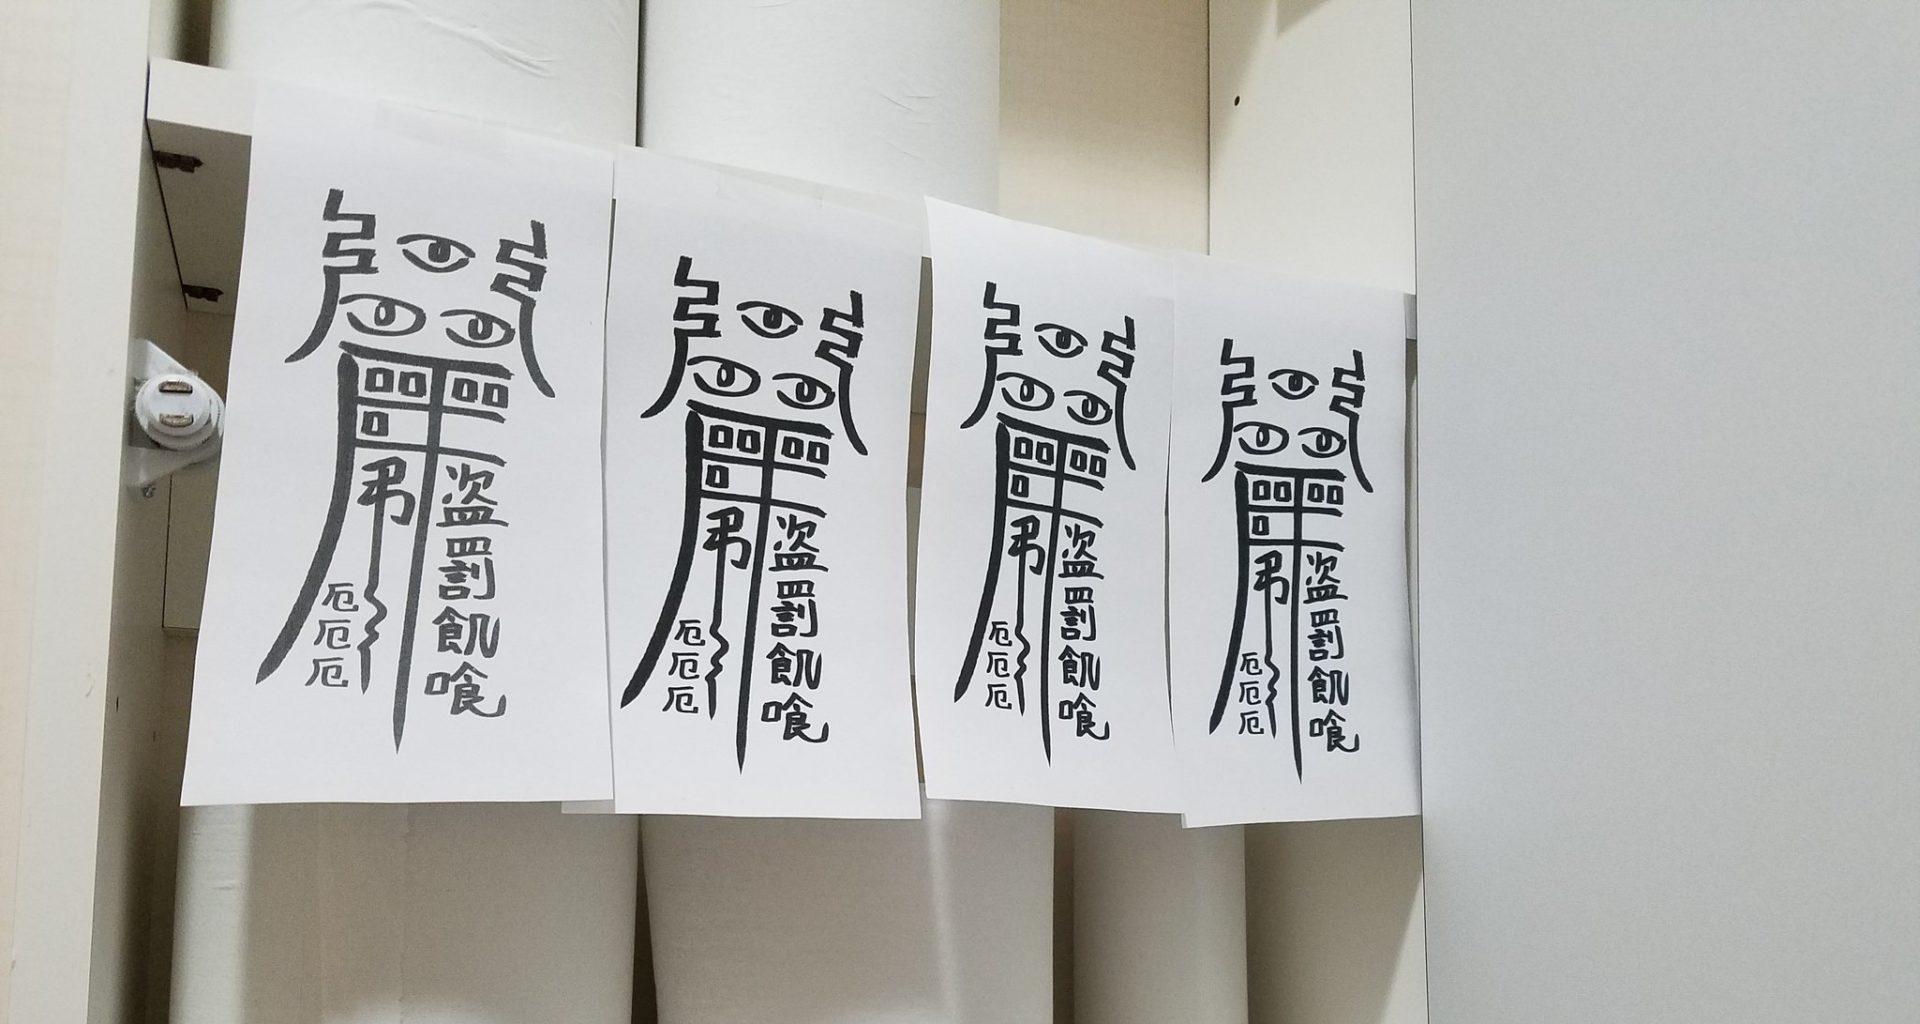 Сотрудница японского магазина  «прокляла» туалетную бумагу, чтобы ее перестали воровать